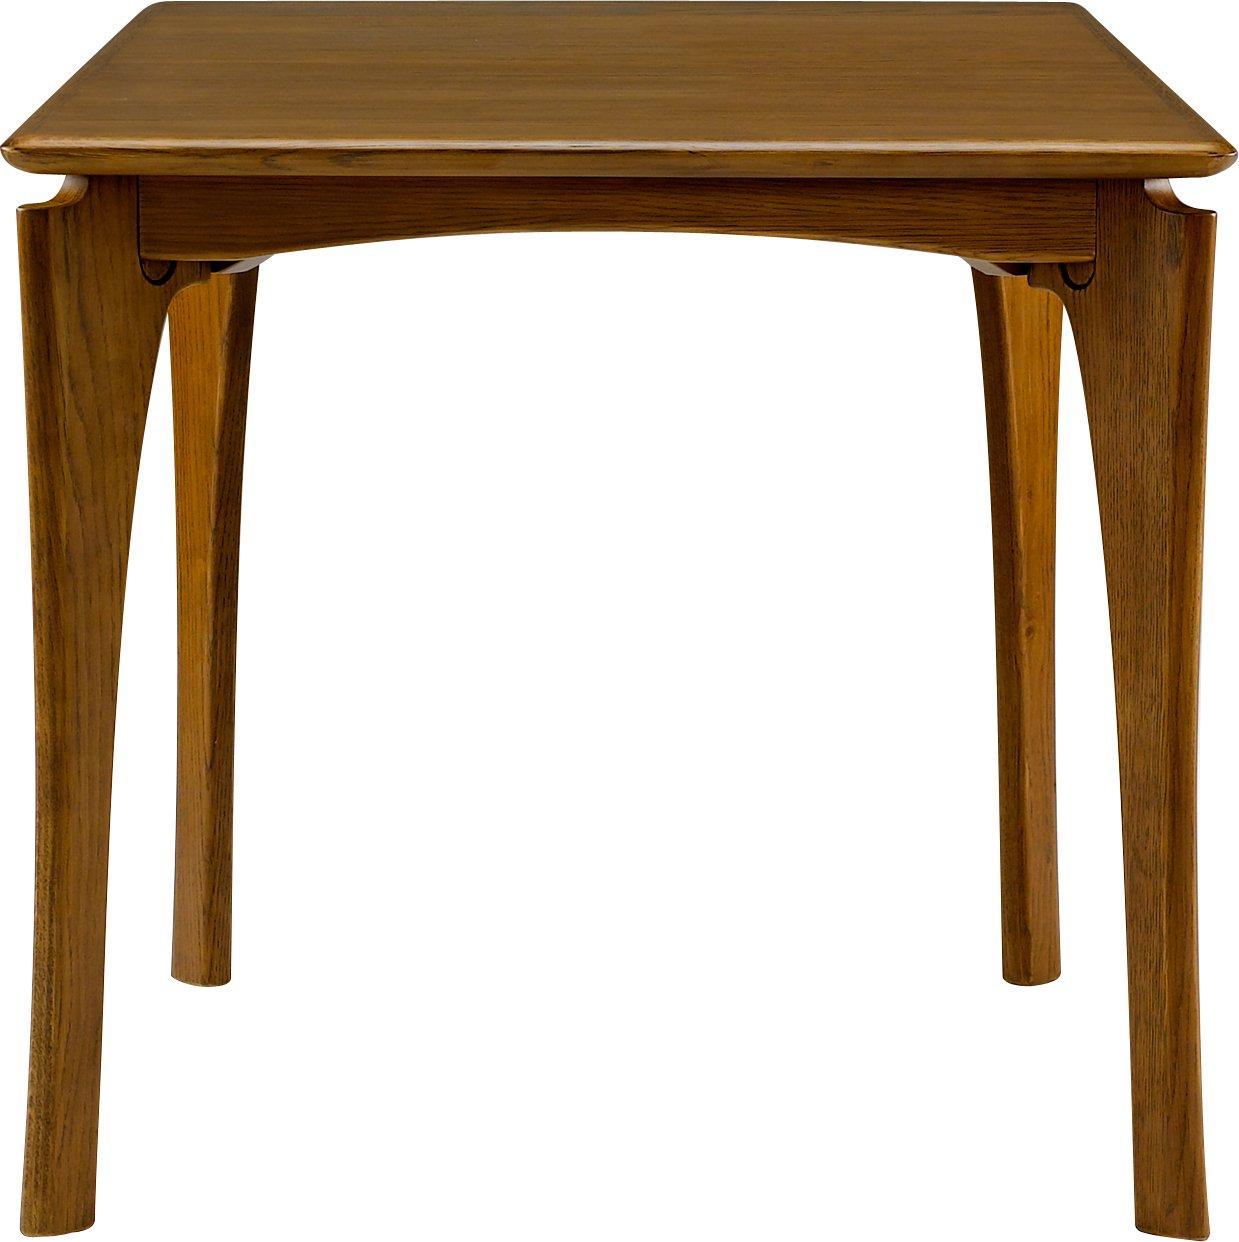 ボスコプラス ネスタ ダイニングテーブル 75cm ナチュラル DT84002Q-PN800 B016I4DLJ8 ダイニングテーブル 75cm ナチュラル